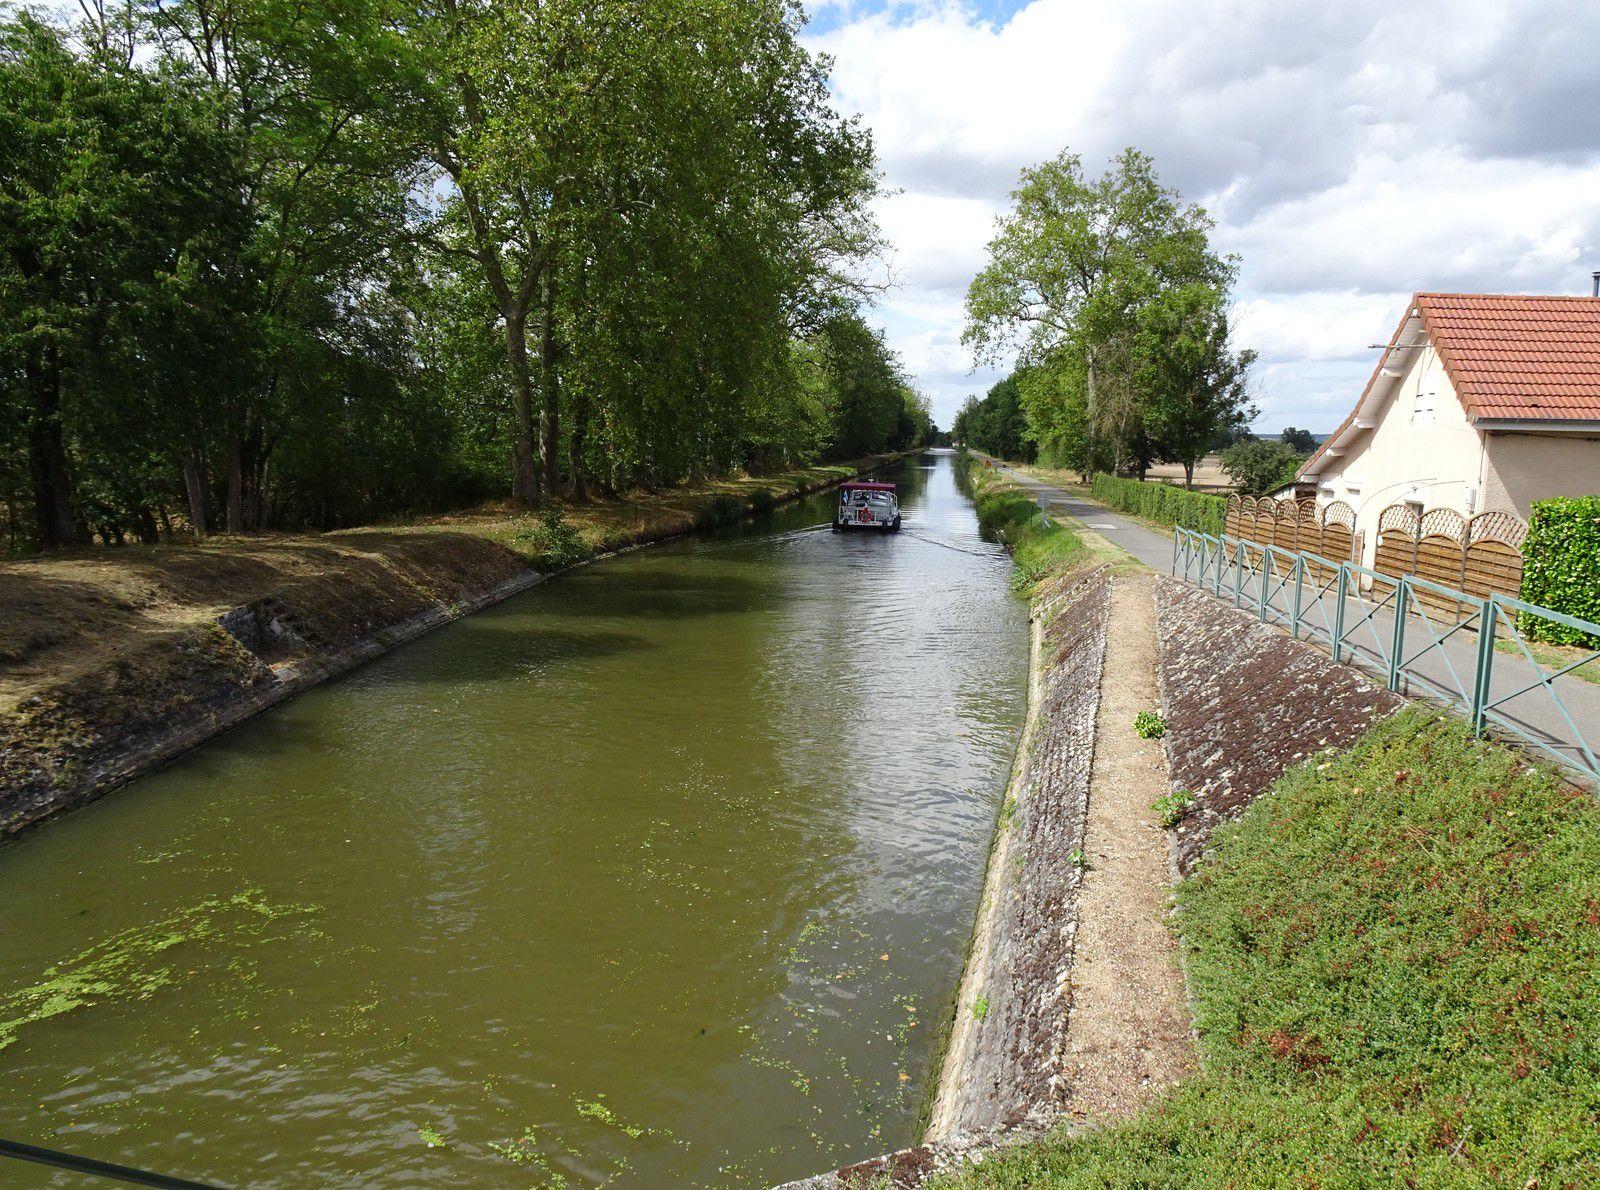 Le Tour de Bourgogne - Etape 6 - Génelard/Bourbon-Lancy - 77,1 km